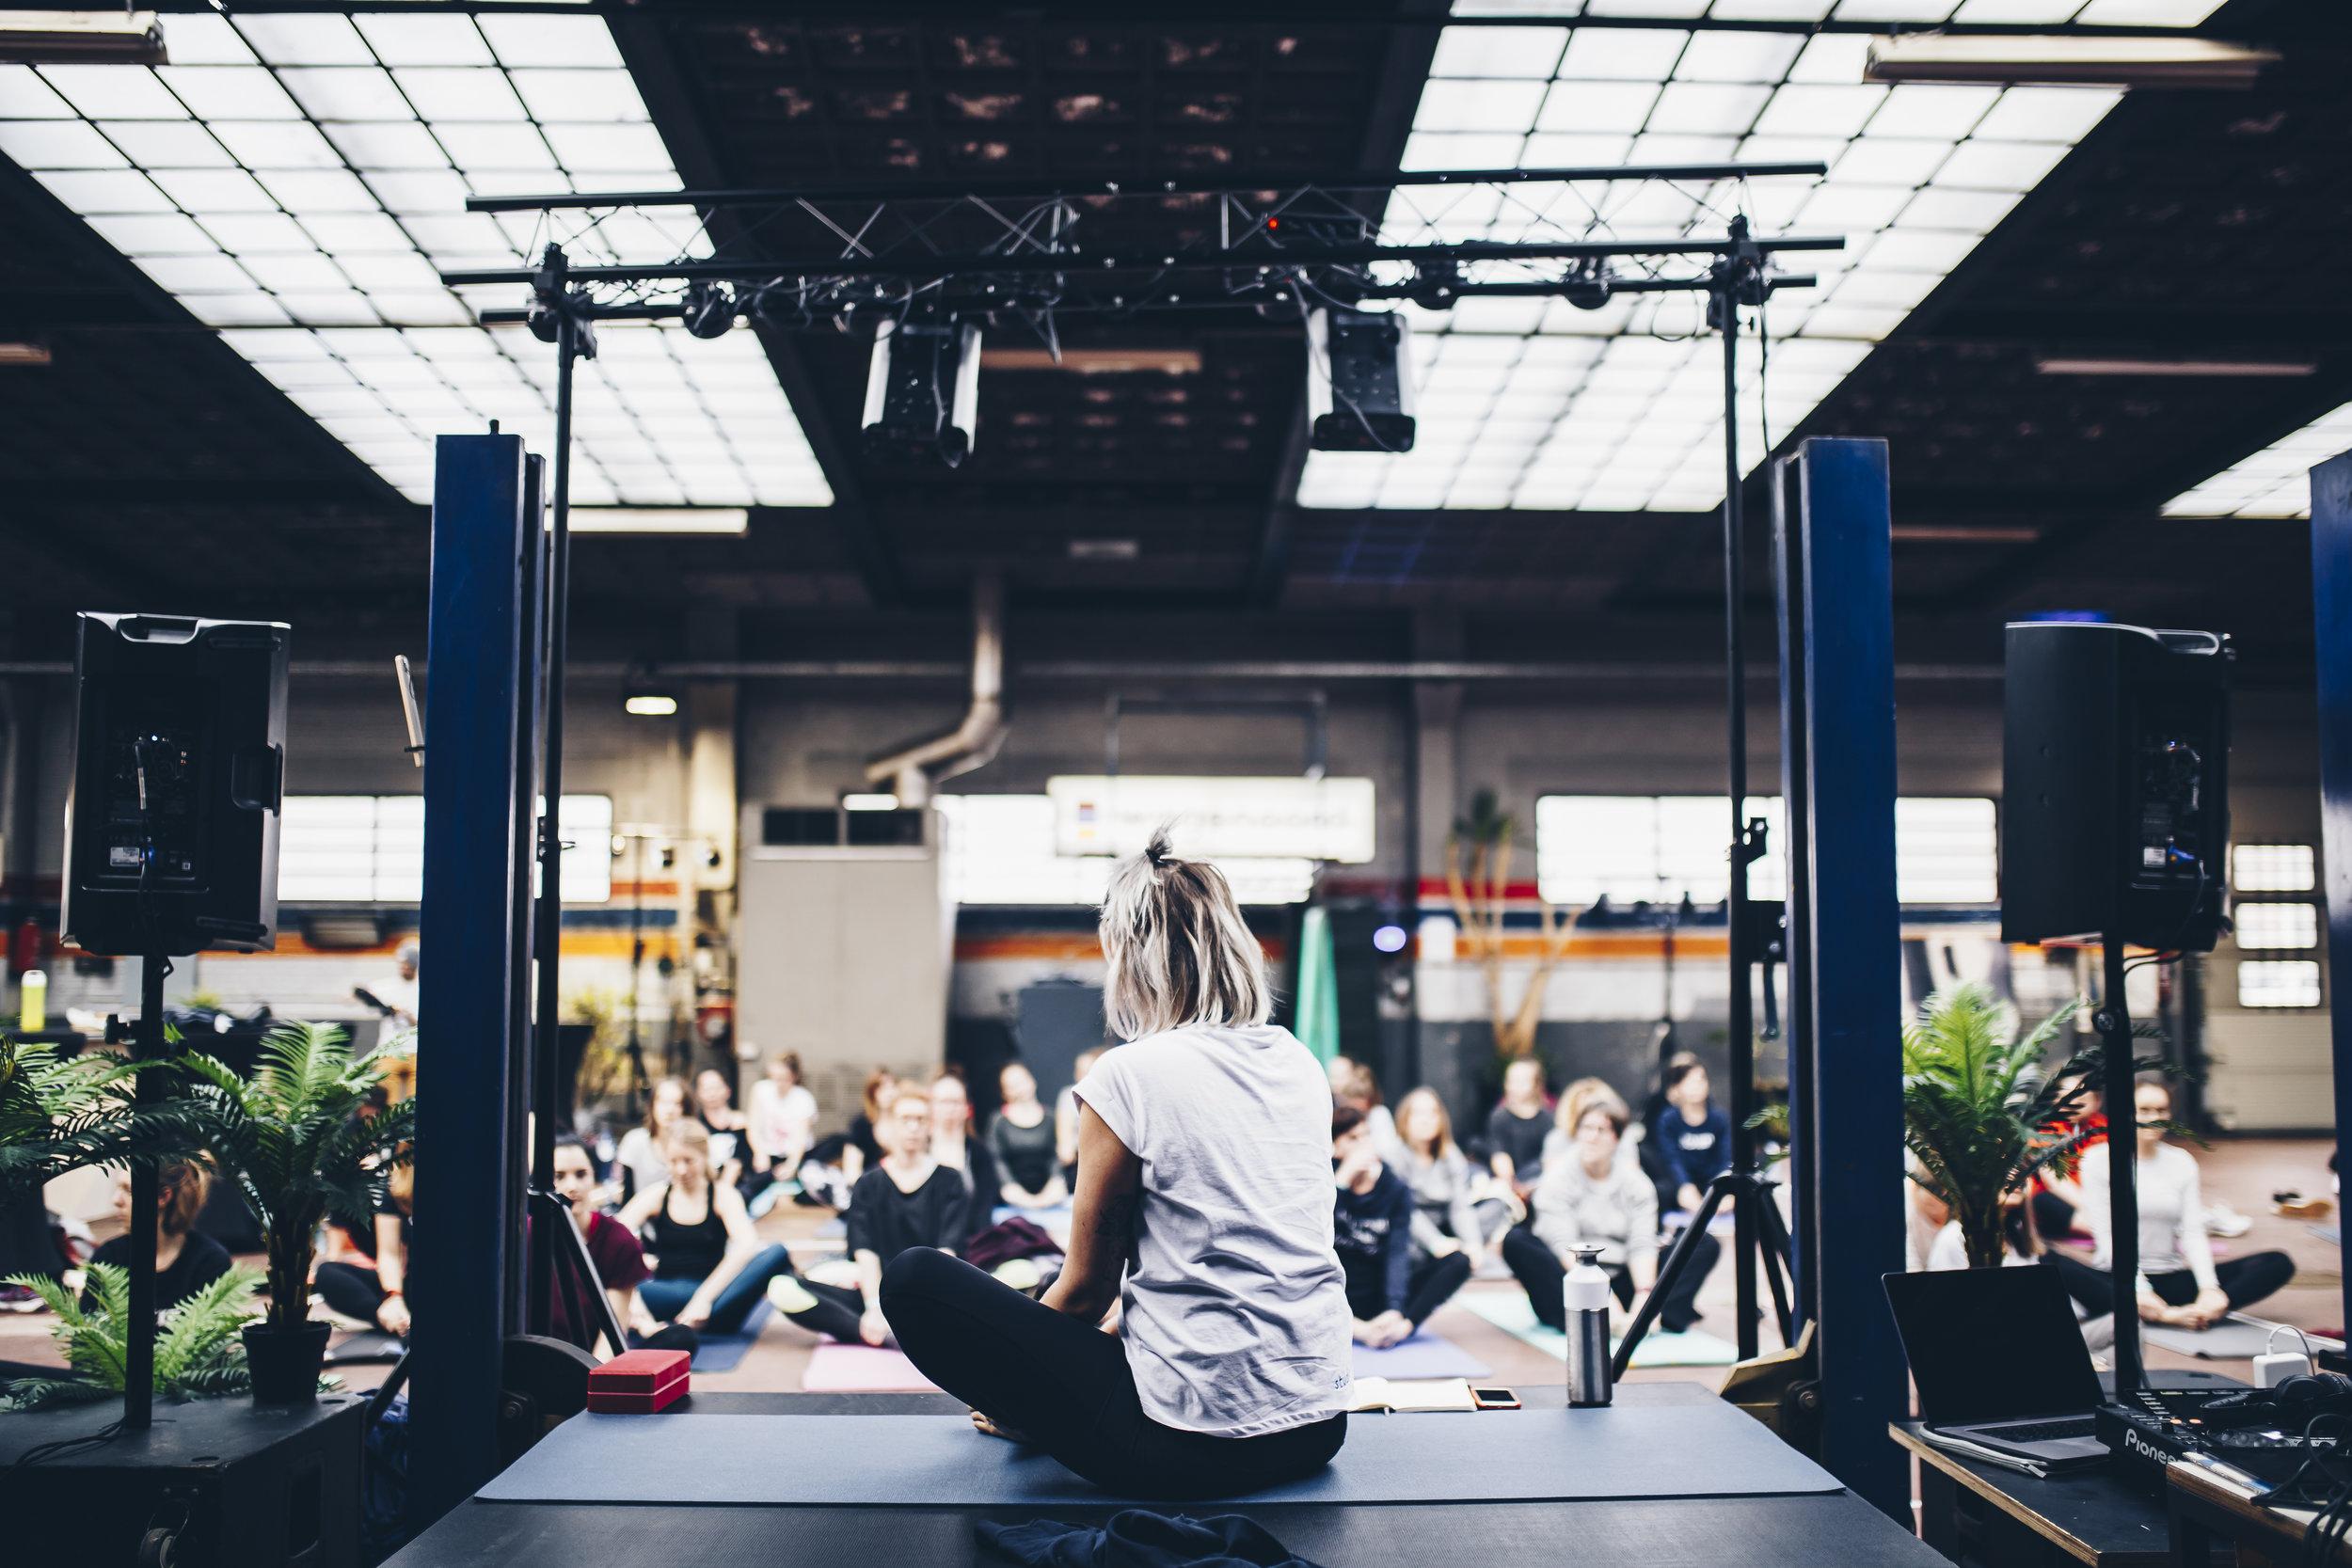 YOGA & PILATES - Seattle Pilates CollectiveShefayogaHaute Yoga Queen AnneCorePower YogaMaven YogaWe Yoga CoThe SixBe Luminous Yoga